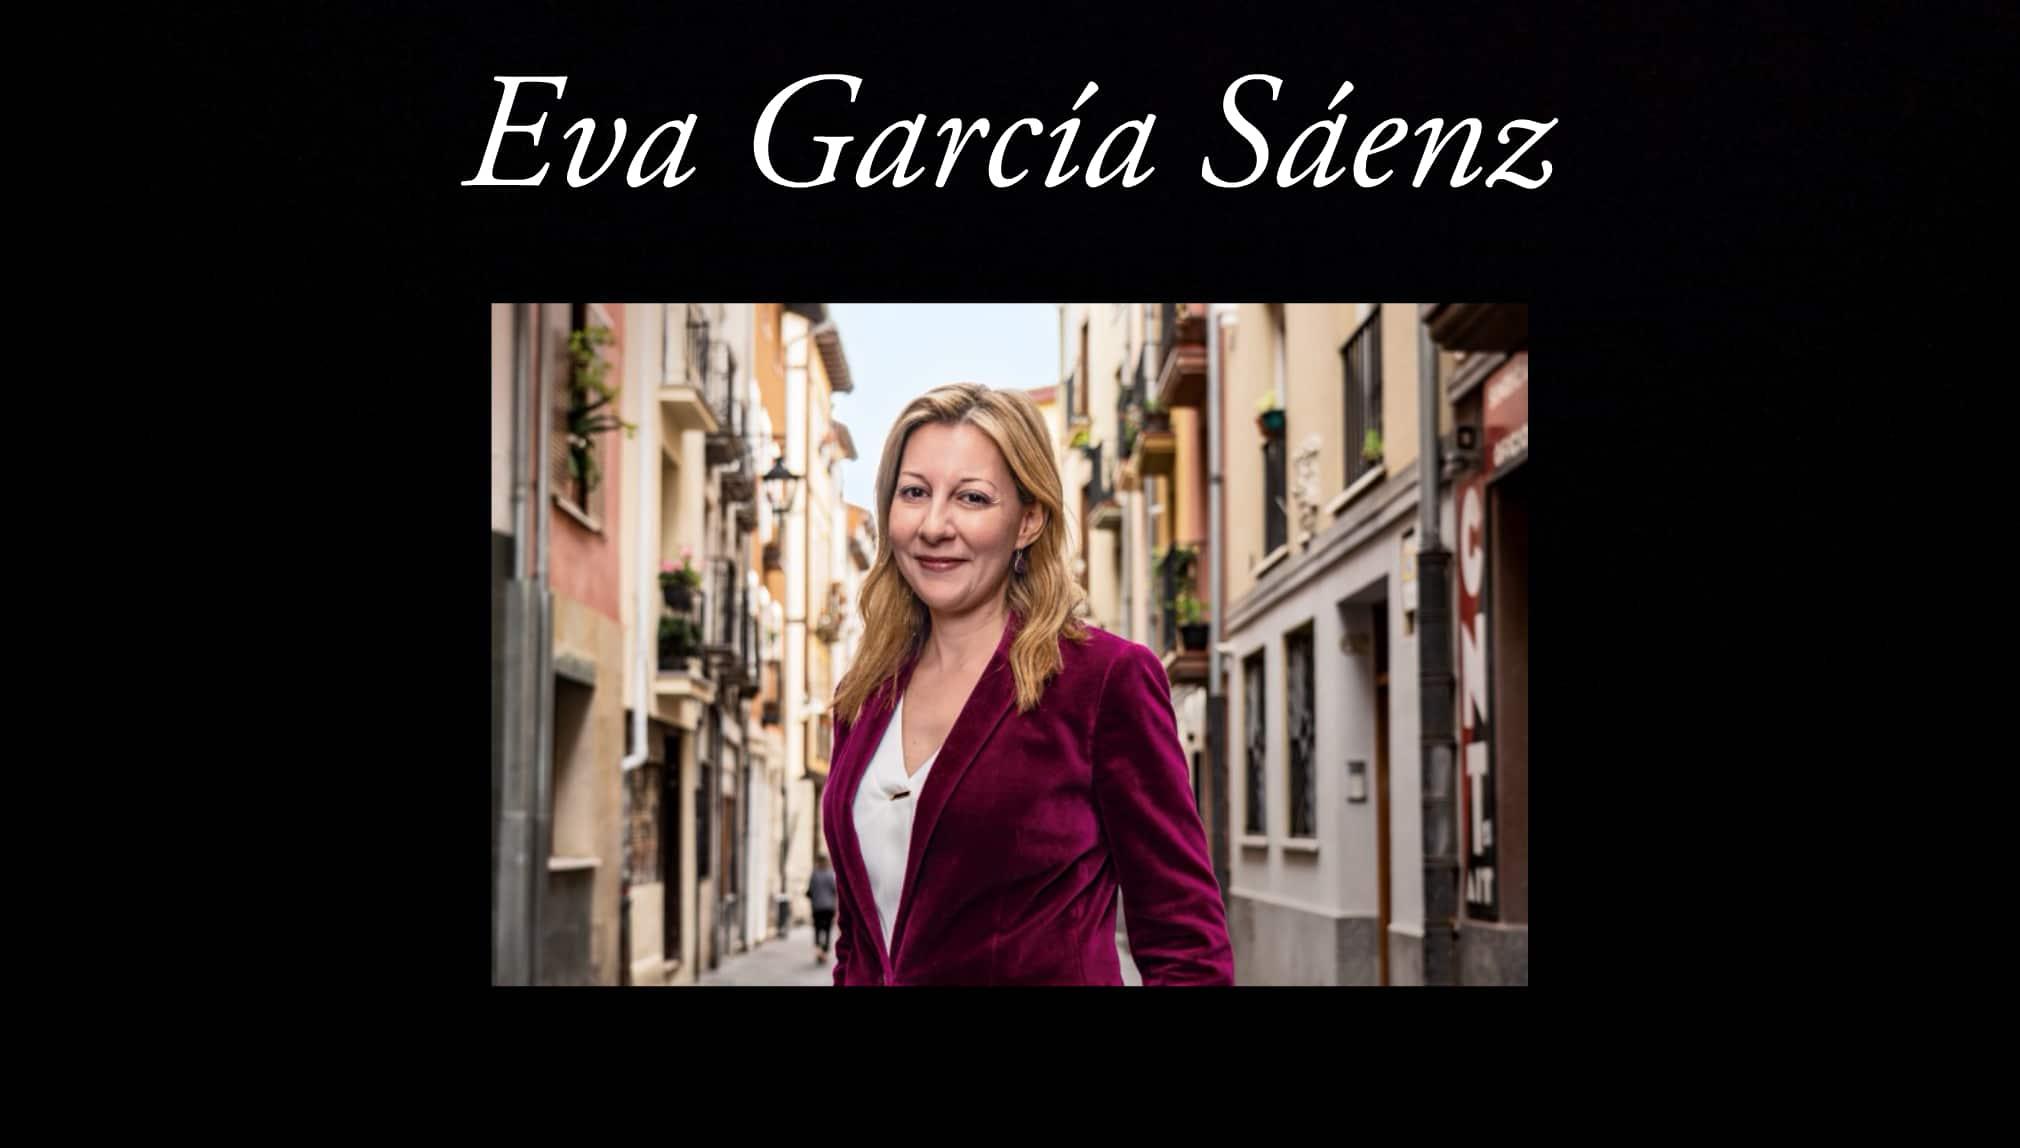 Eva García Sáenz.